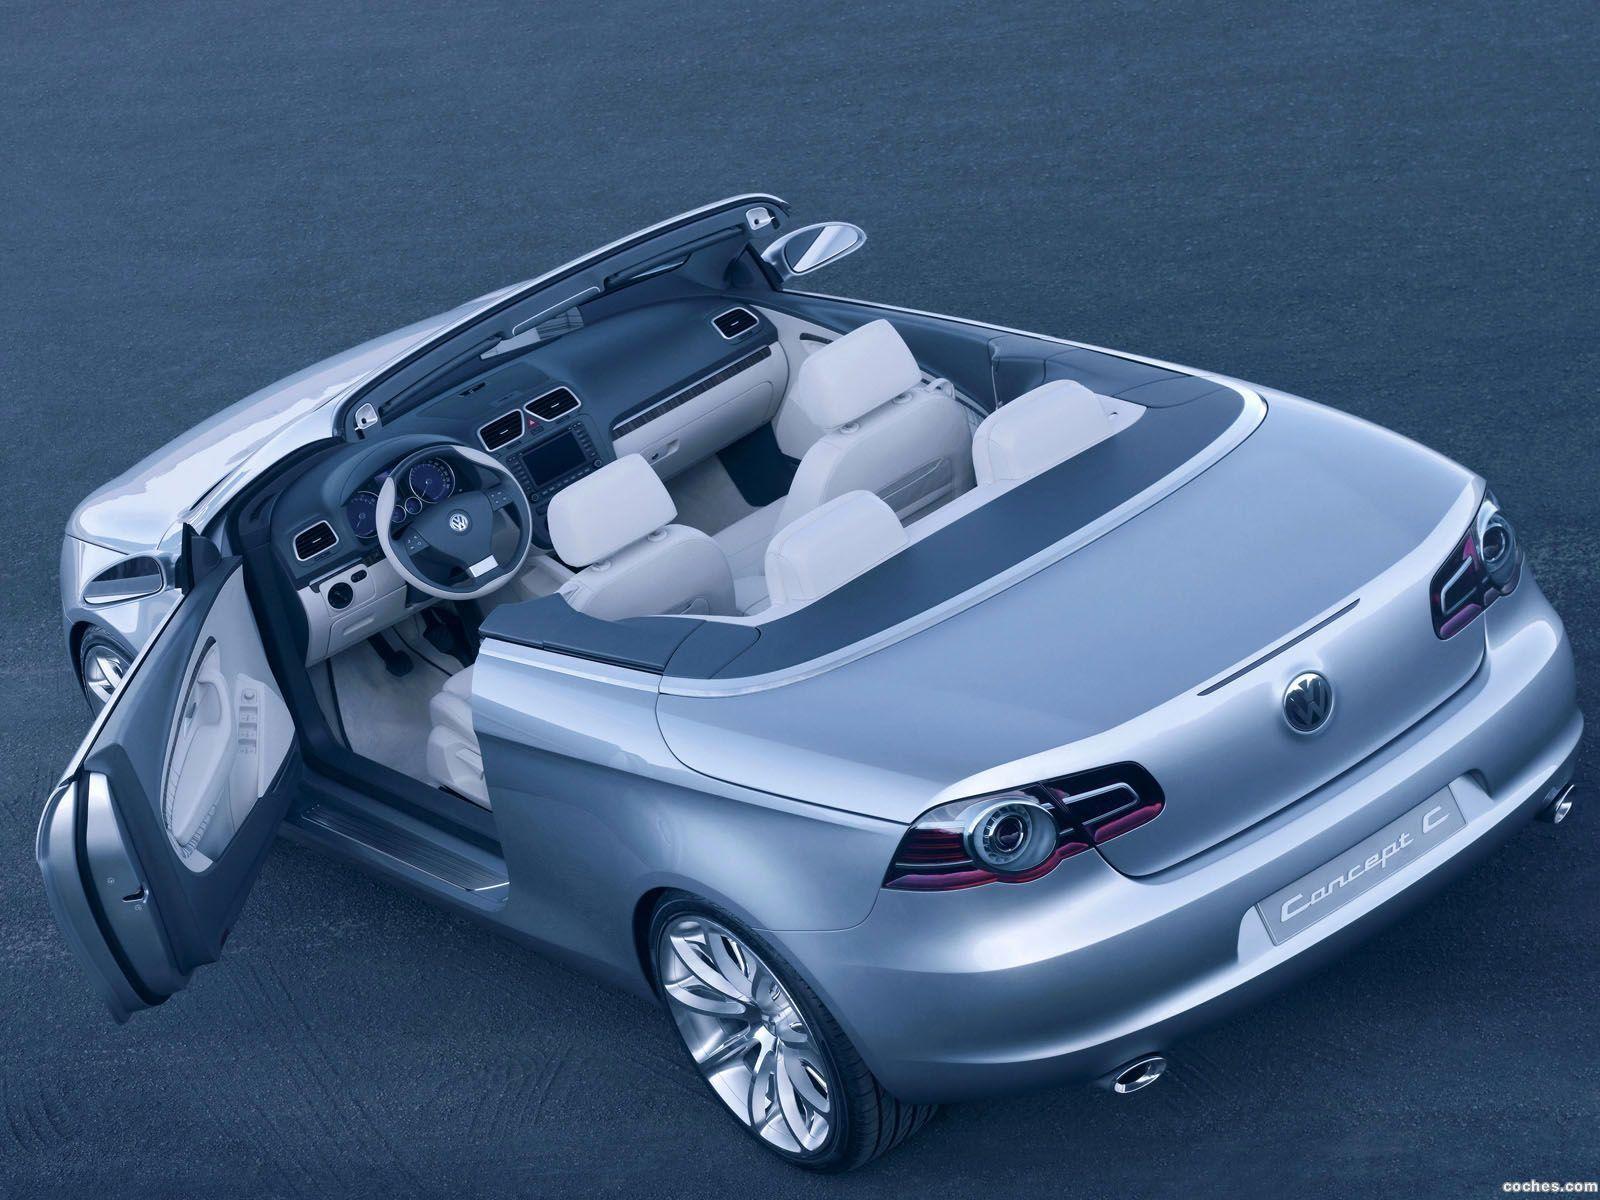 Foto 9 de Volkswagen Concept C 2004